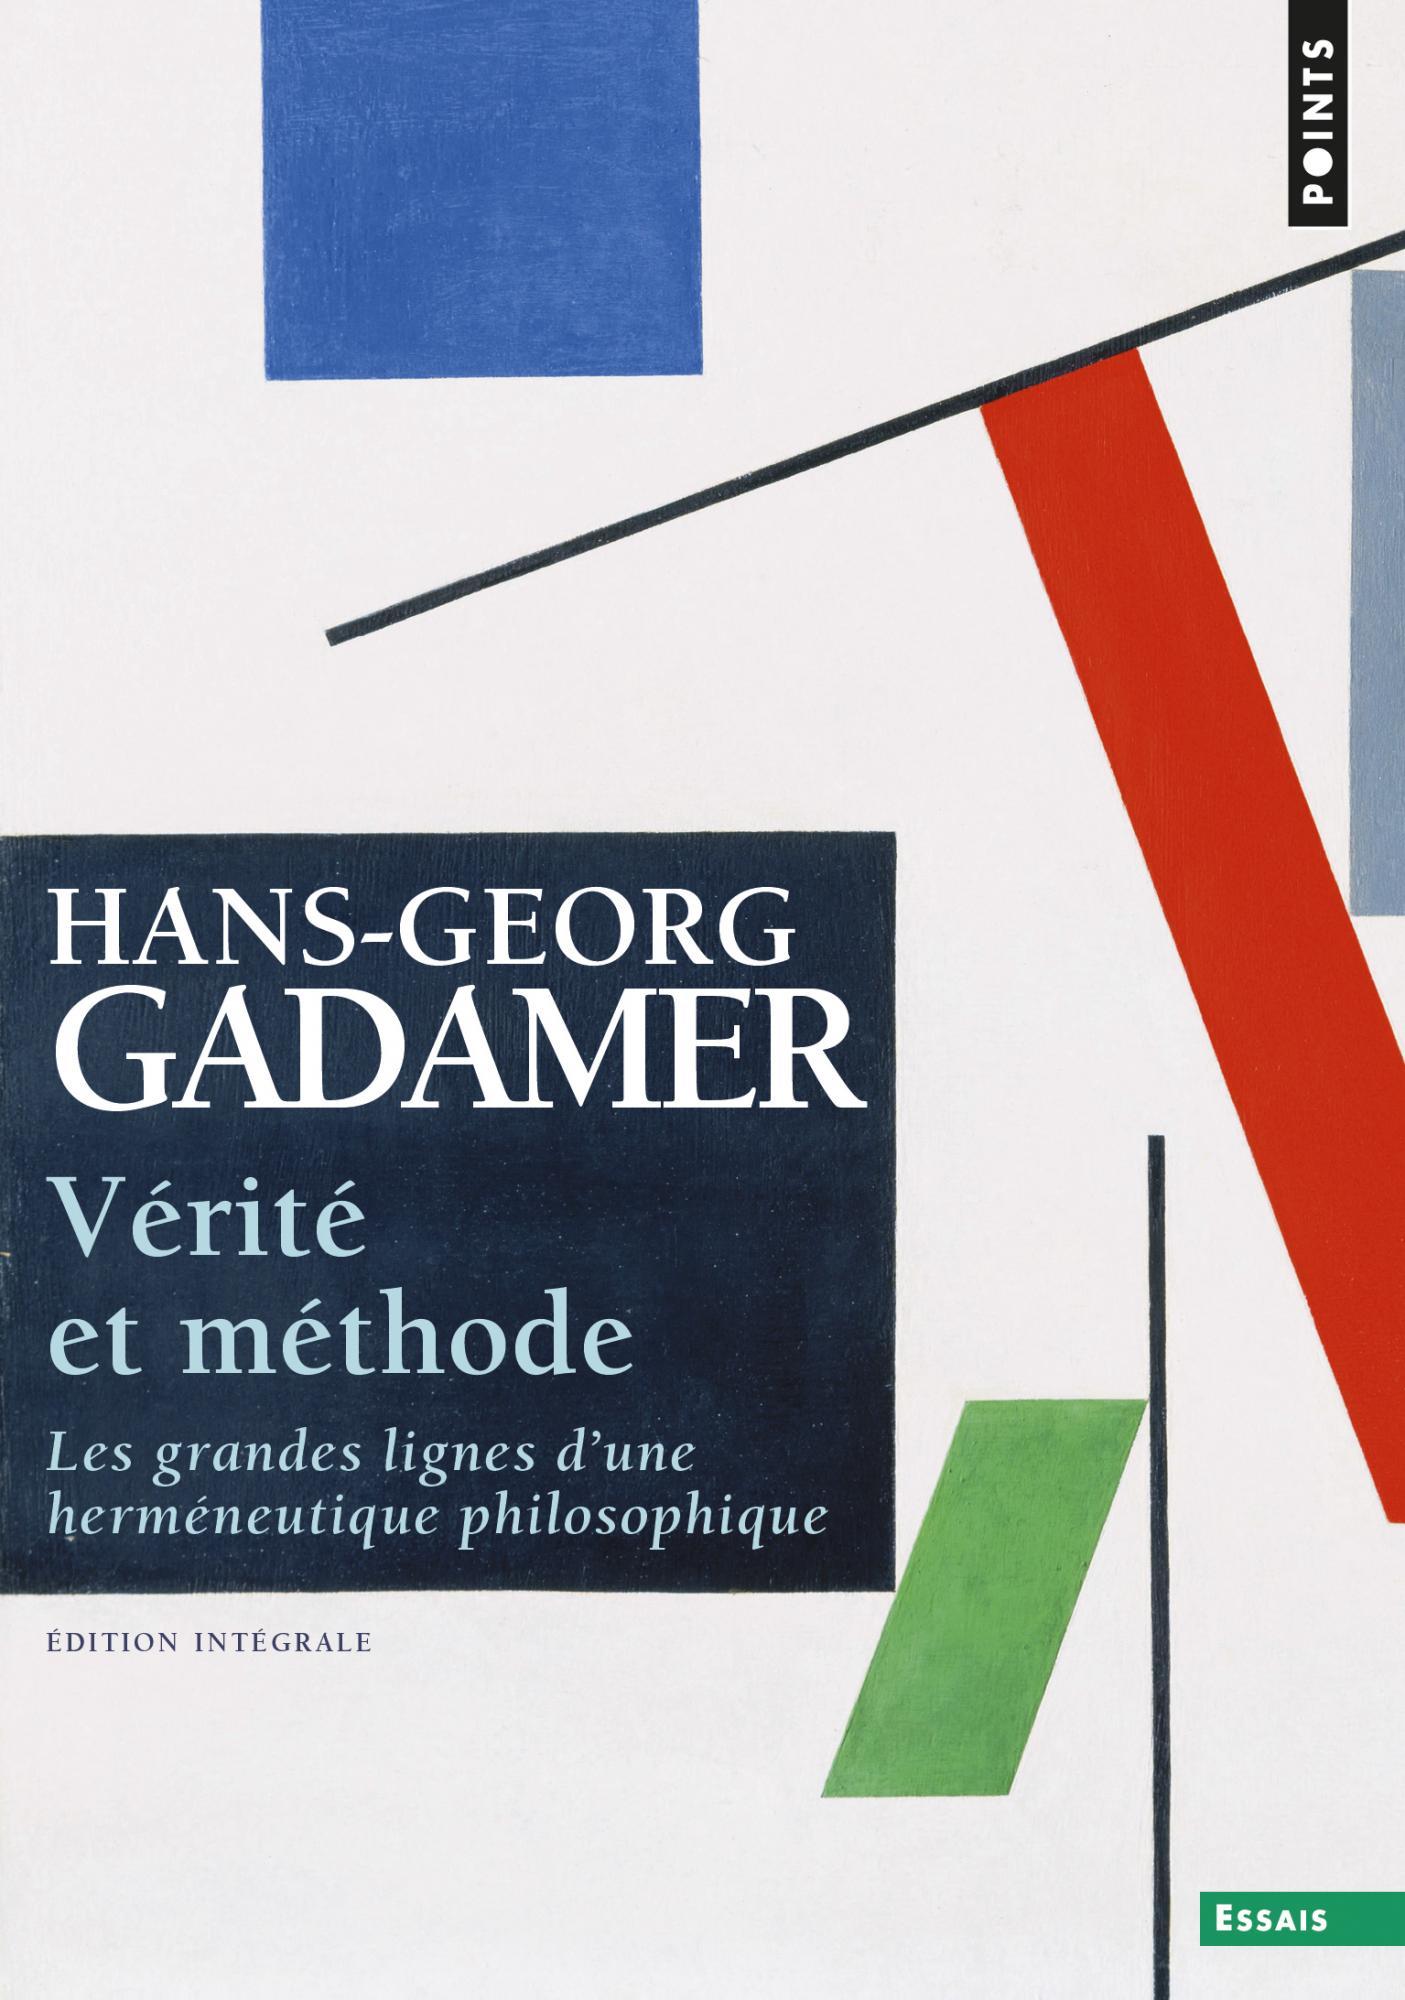 H.G. Gadamer, Vérité et méthode (éd. intégrale)